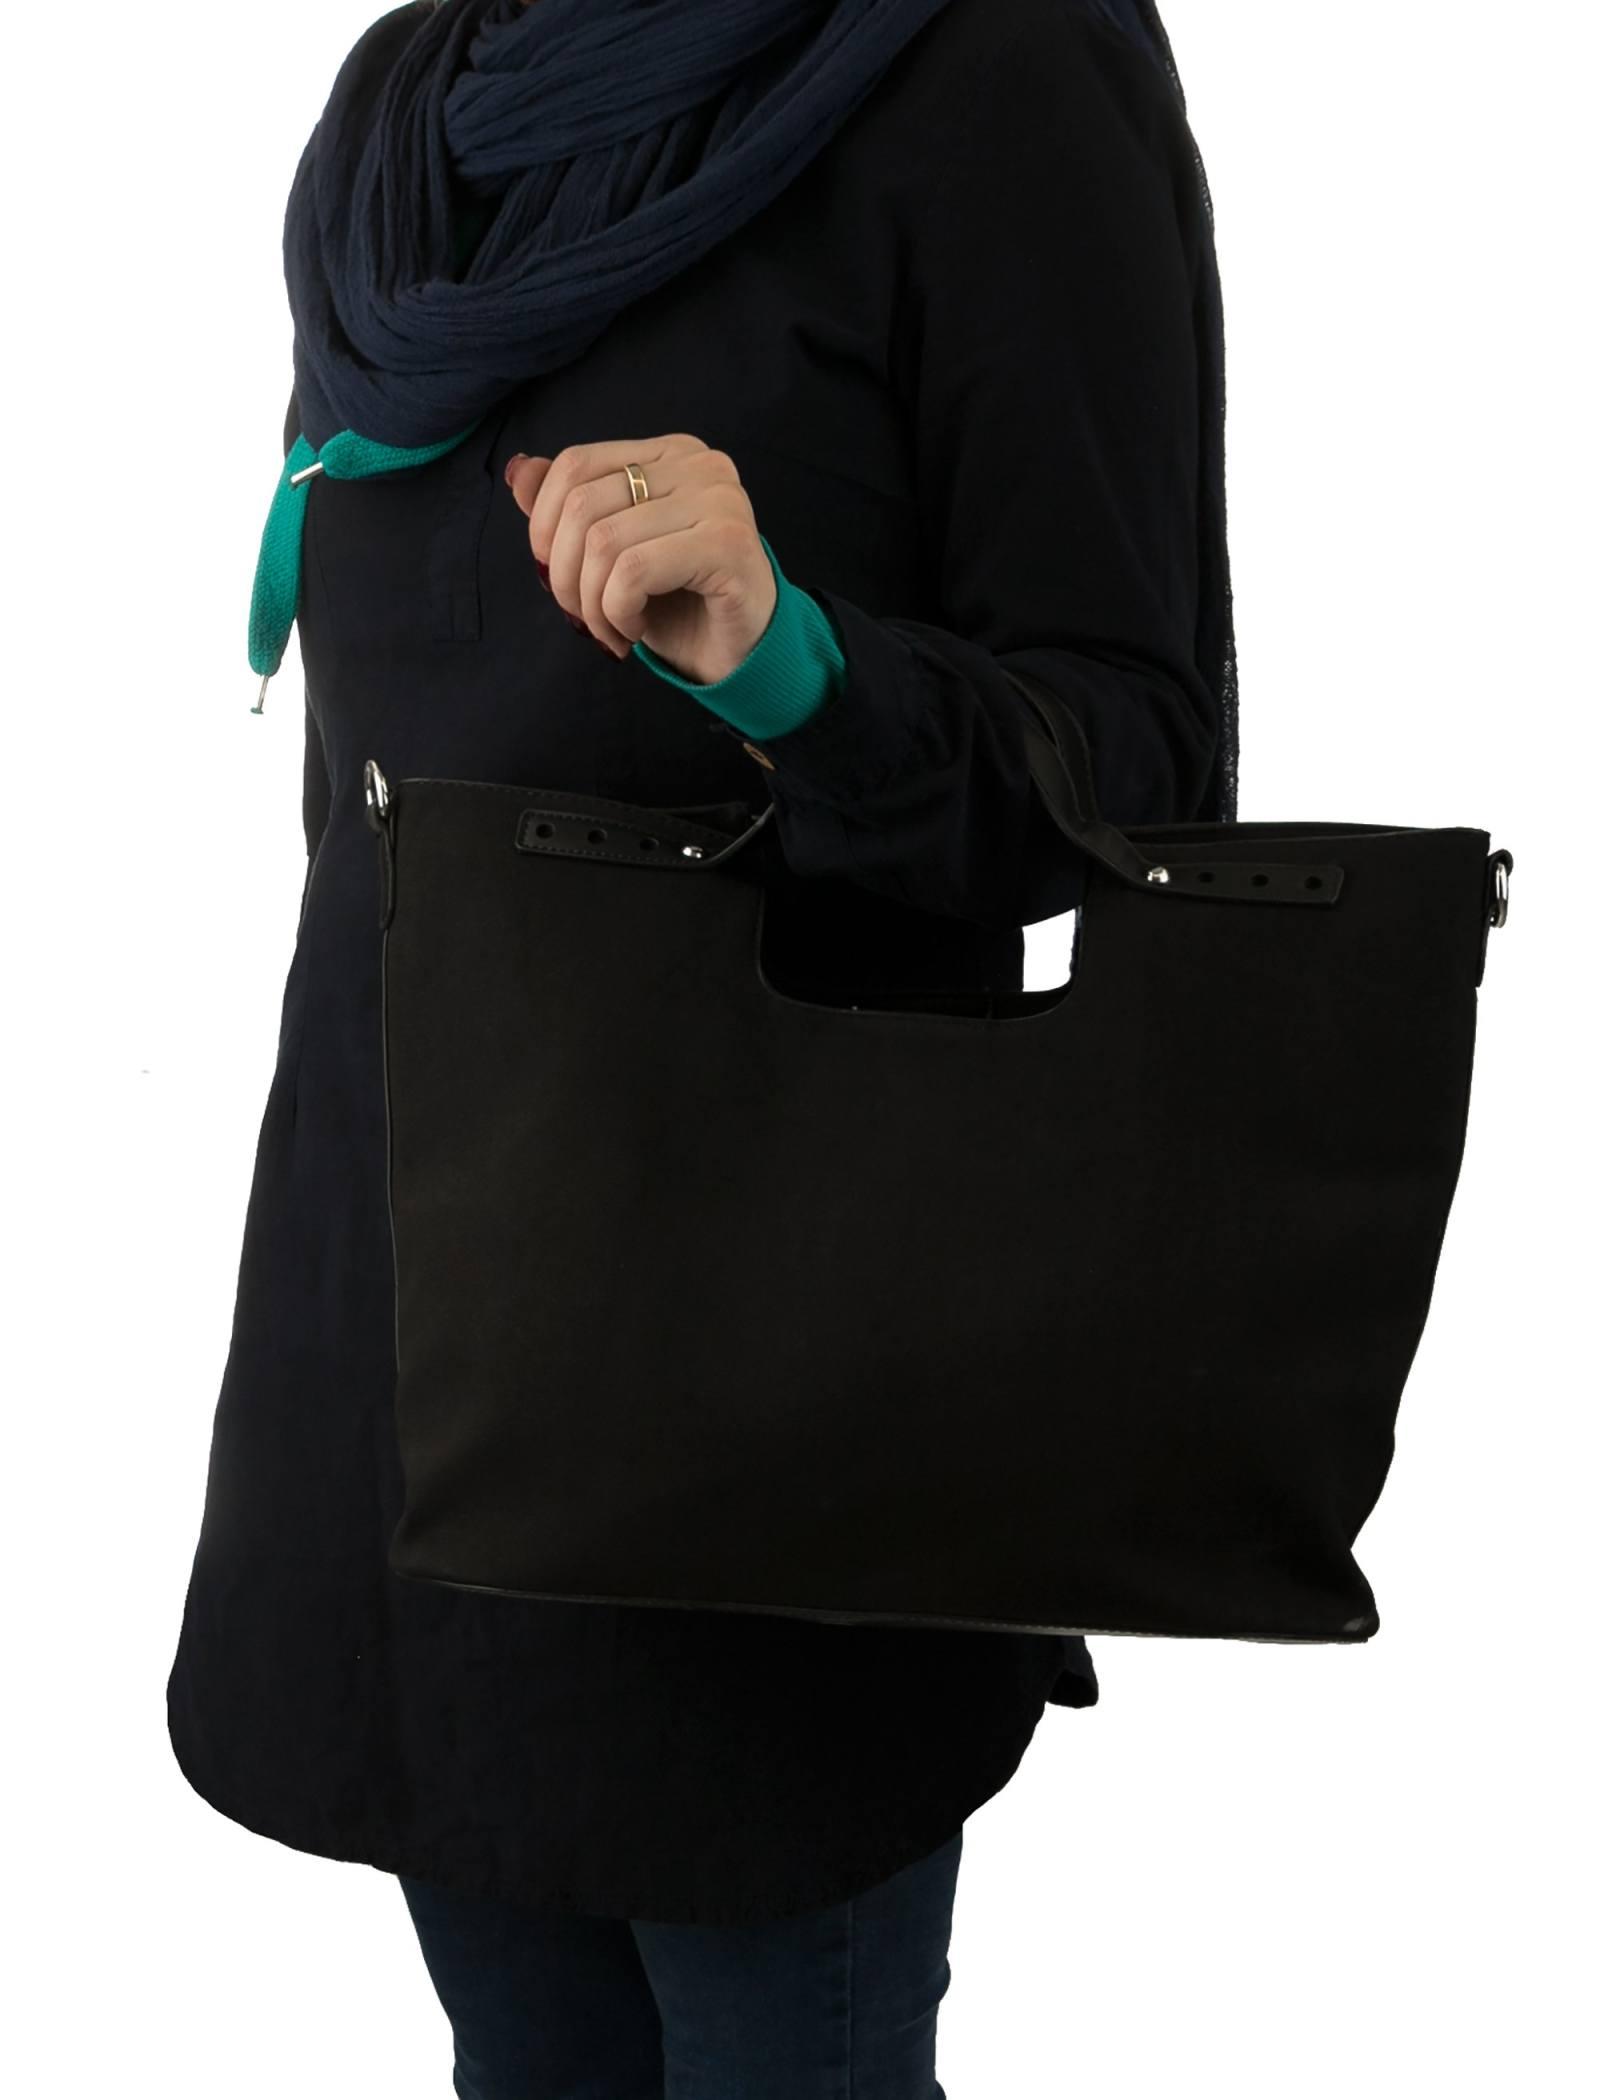 کیف دستی روزمره زنانه - شانتال تک سایز - مشکي  - 2